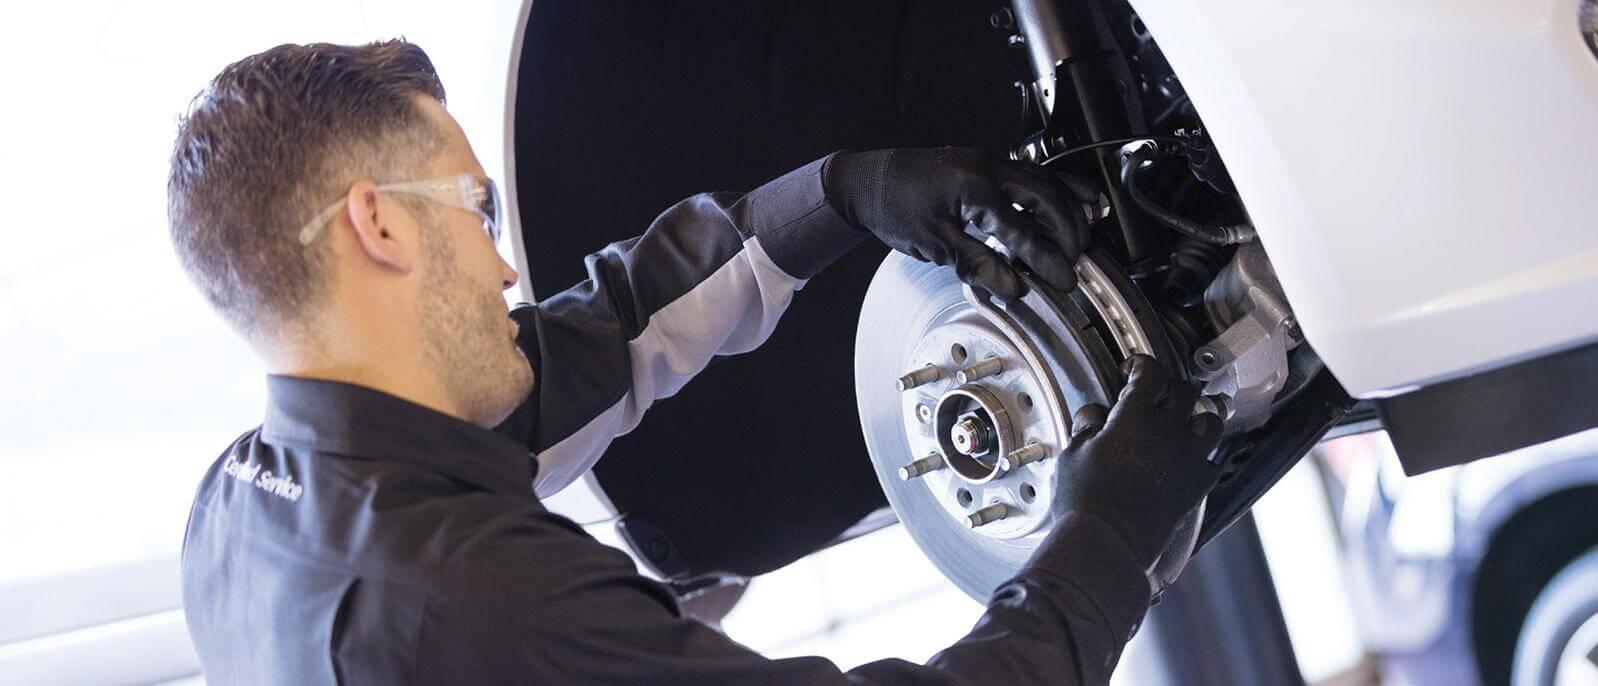 applying brake pads